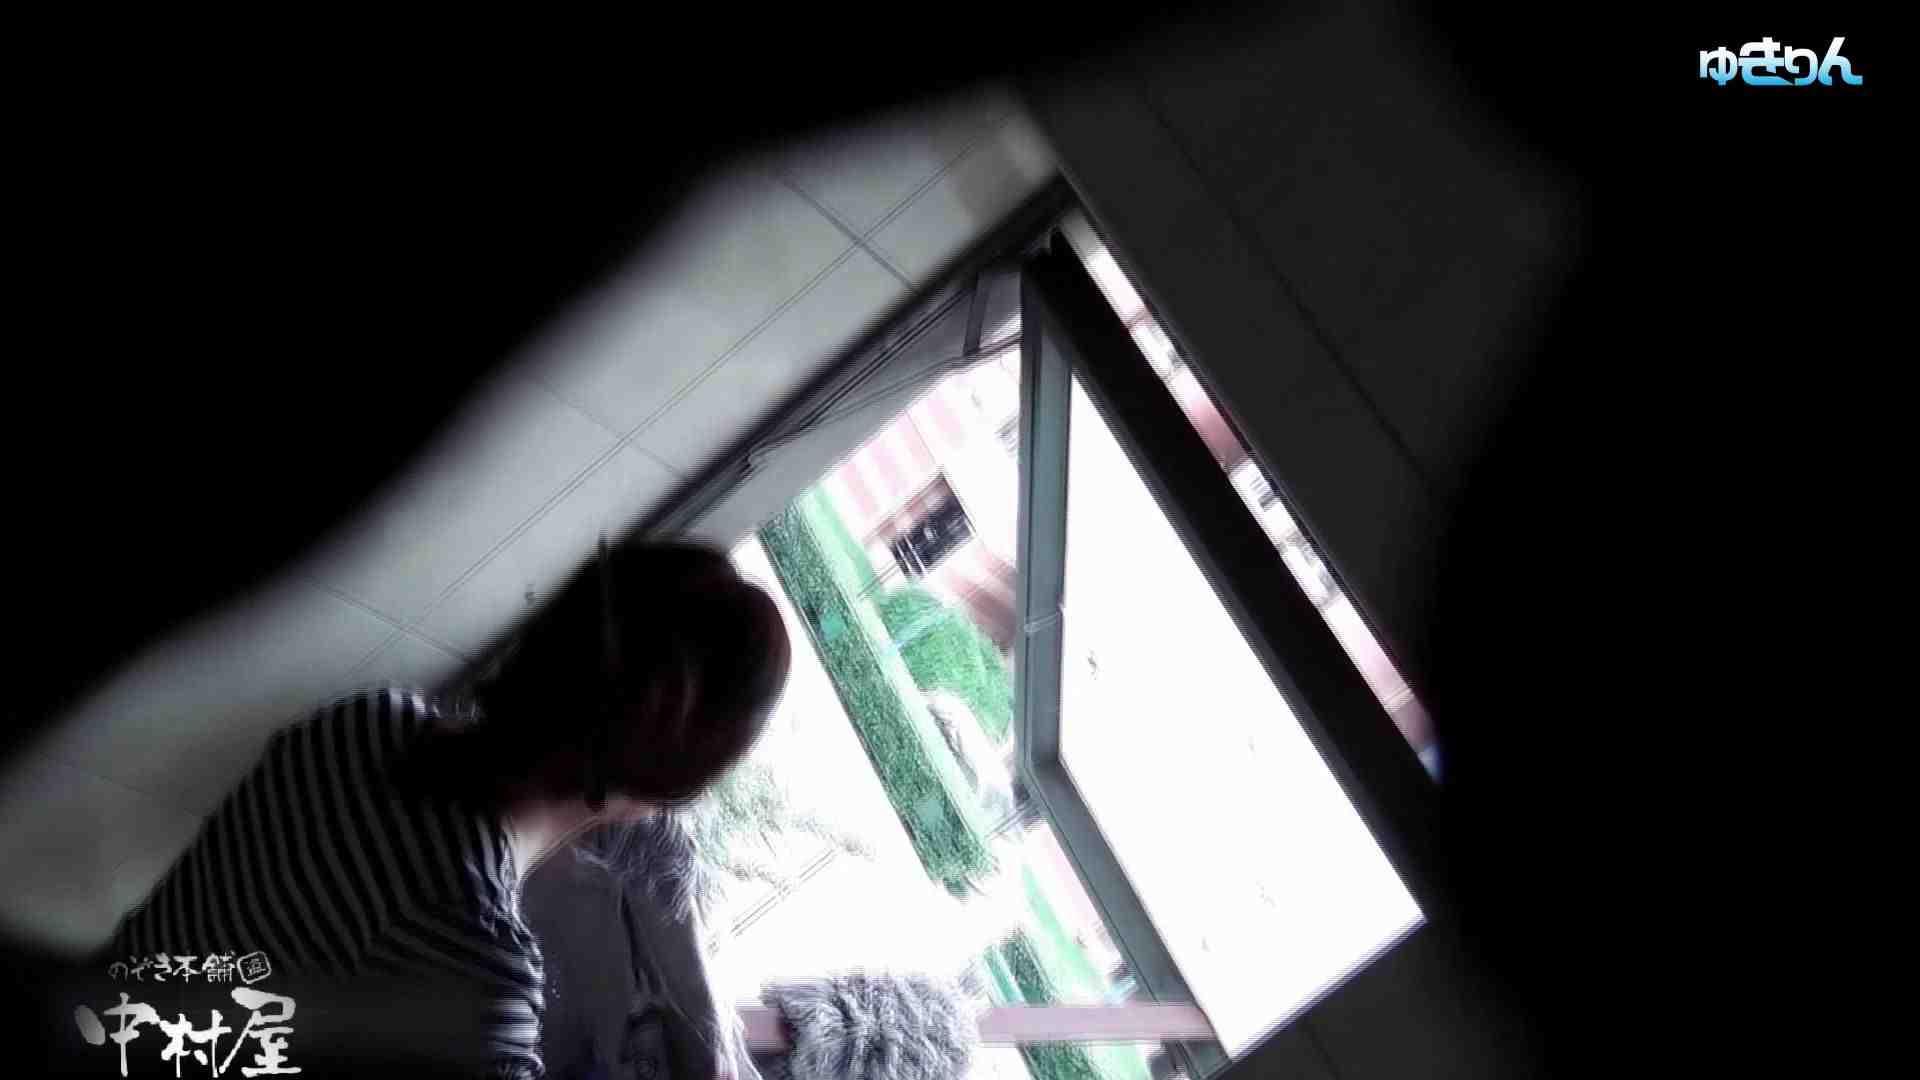 世界の射窓から~ステーション編~vol63 ハイヒール花柄に注目 前編 OL  43pic 37